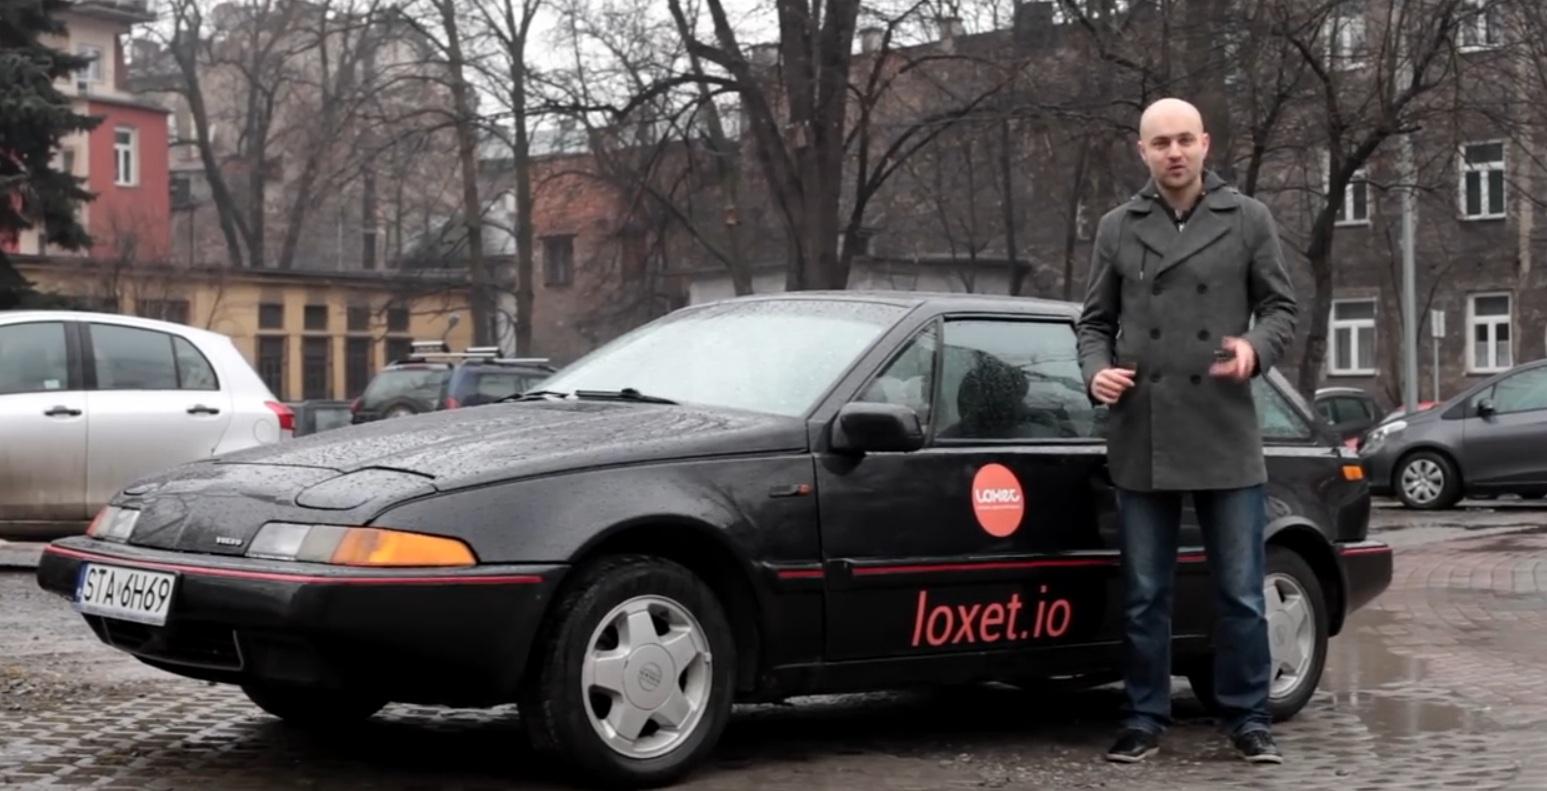 """Krakowska firma rzuca wyzwanie hakerom: """"Ukradniesz nasz samochód - będzie Twój!"""""""